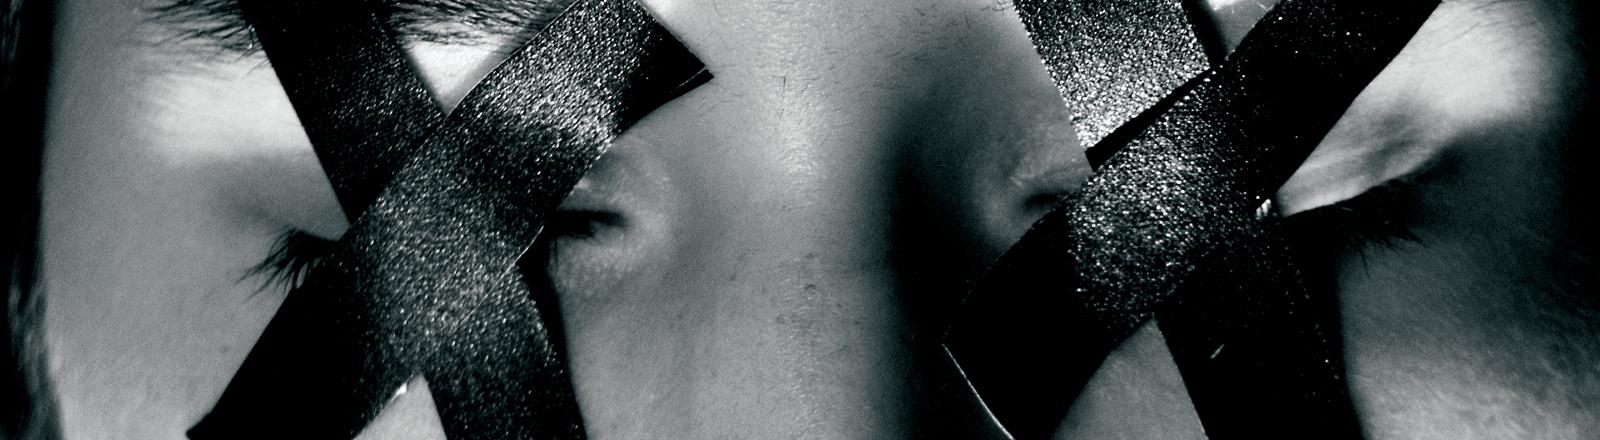 Die Augen einer Frau sind mit tape zugeklebt